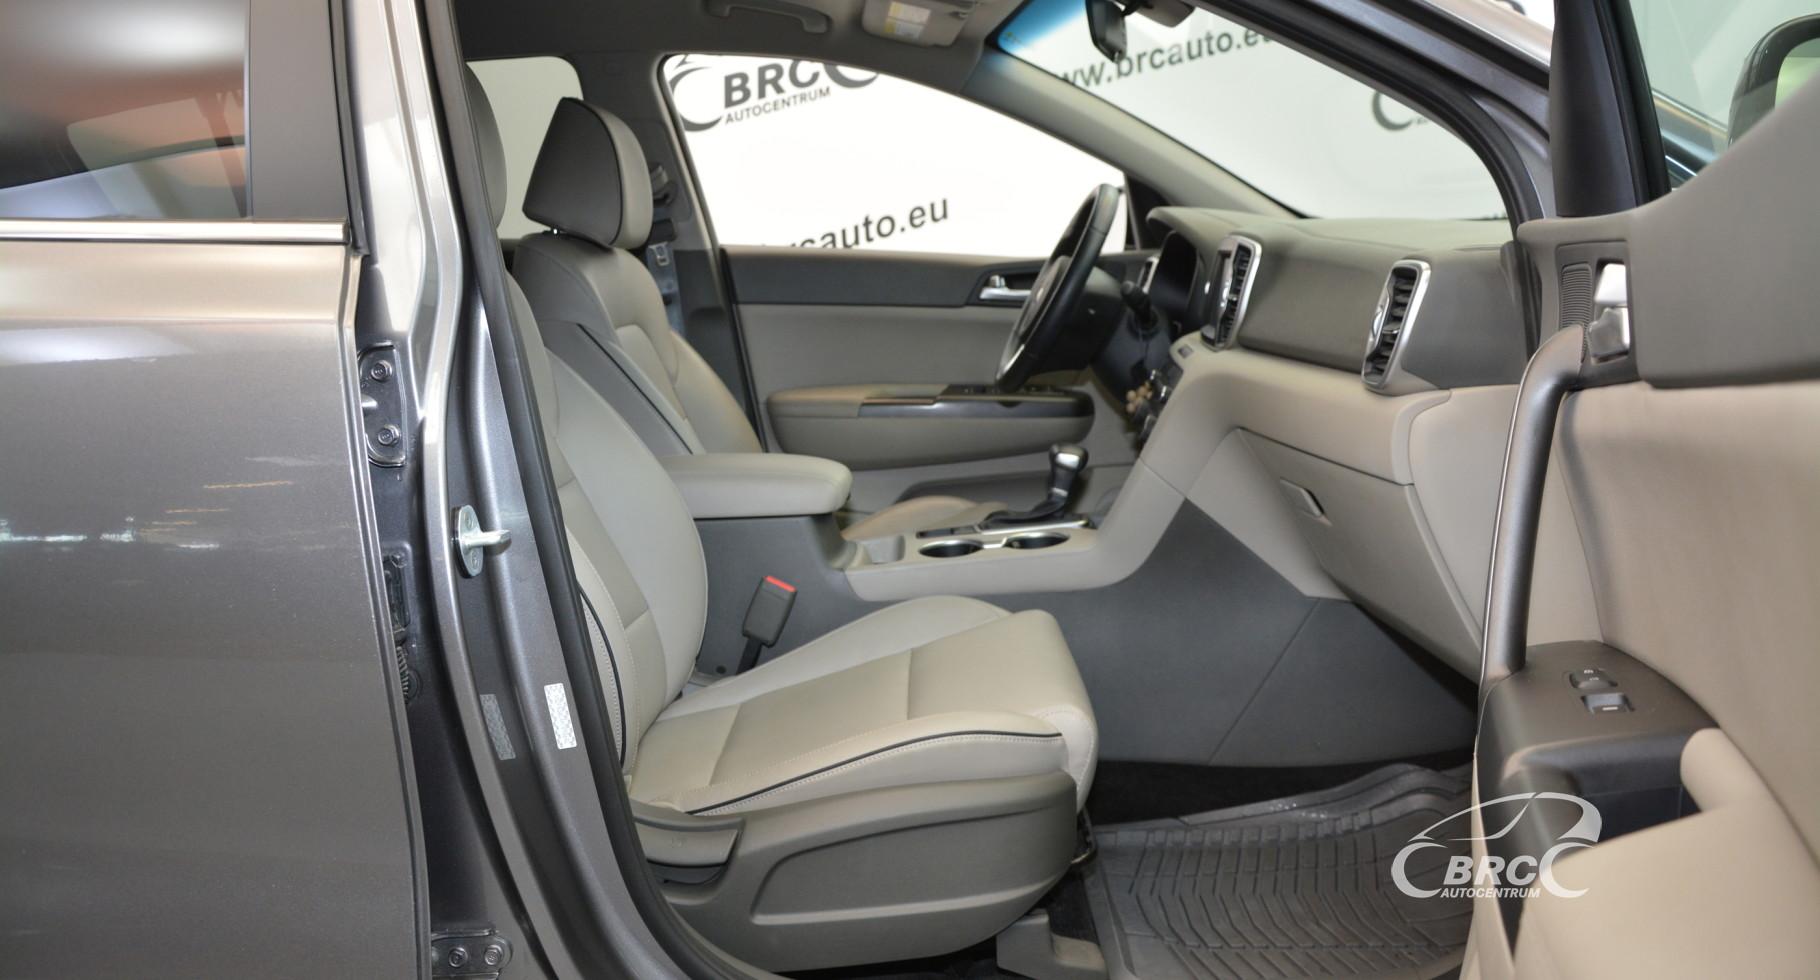 Kia Sportage 2.4i EX 2WD Automatas